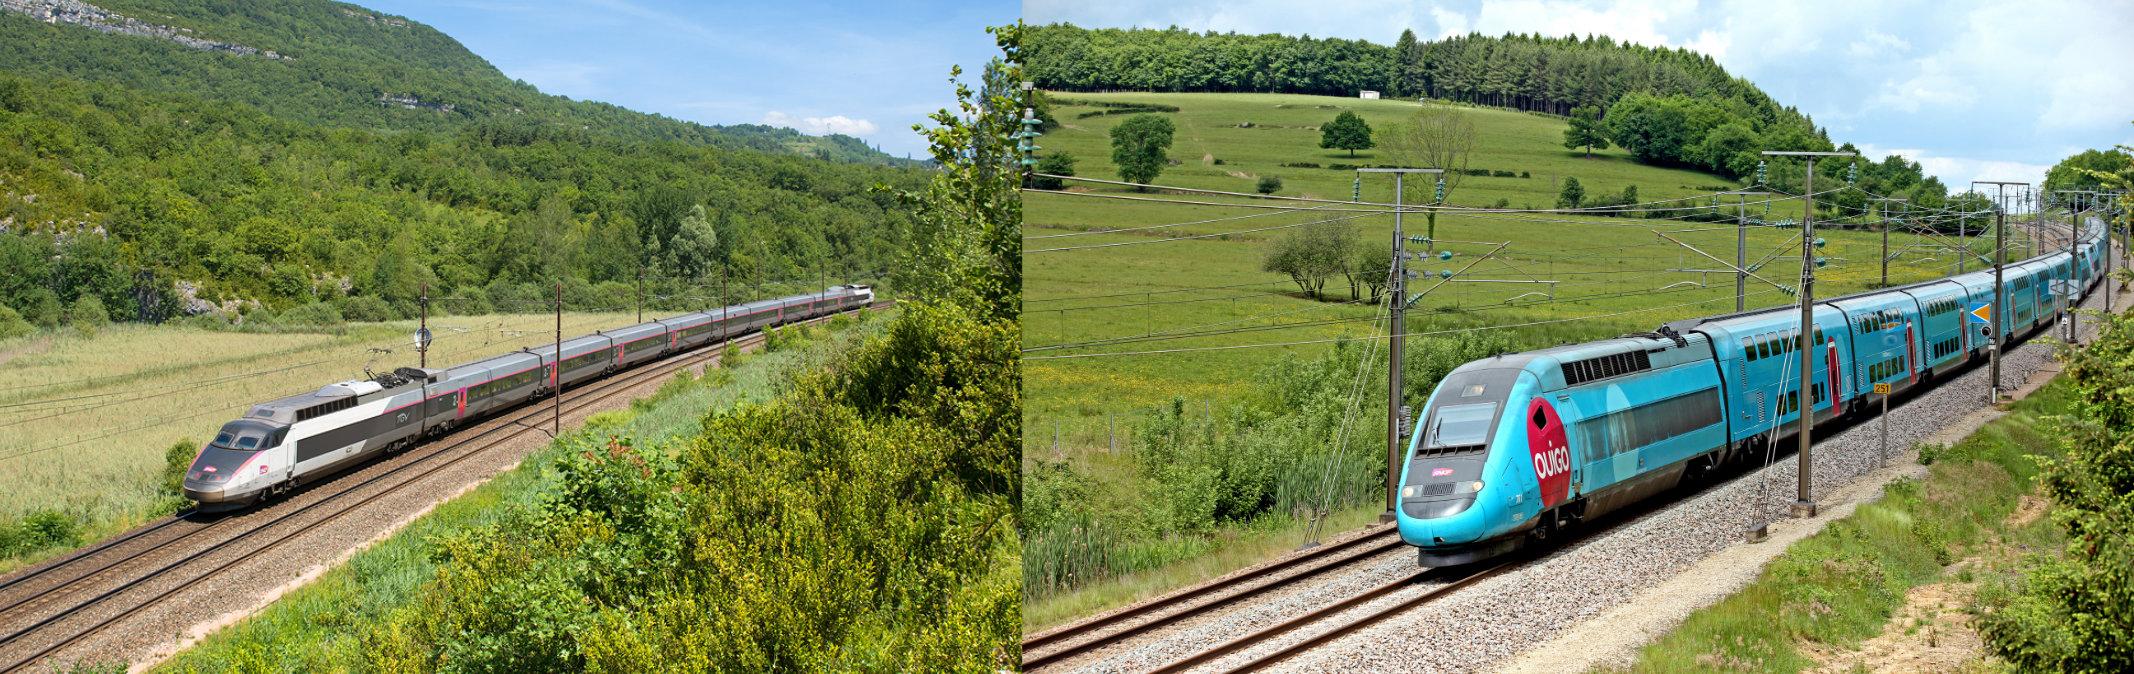 obrázek: TGV Réseau/TGV Euroduplex